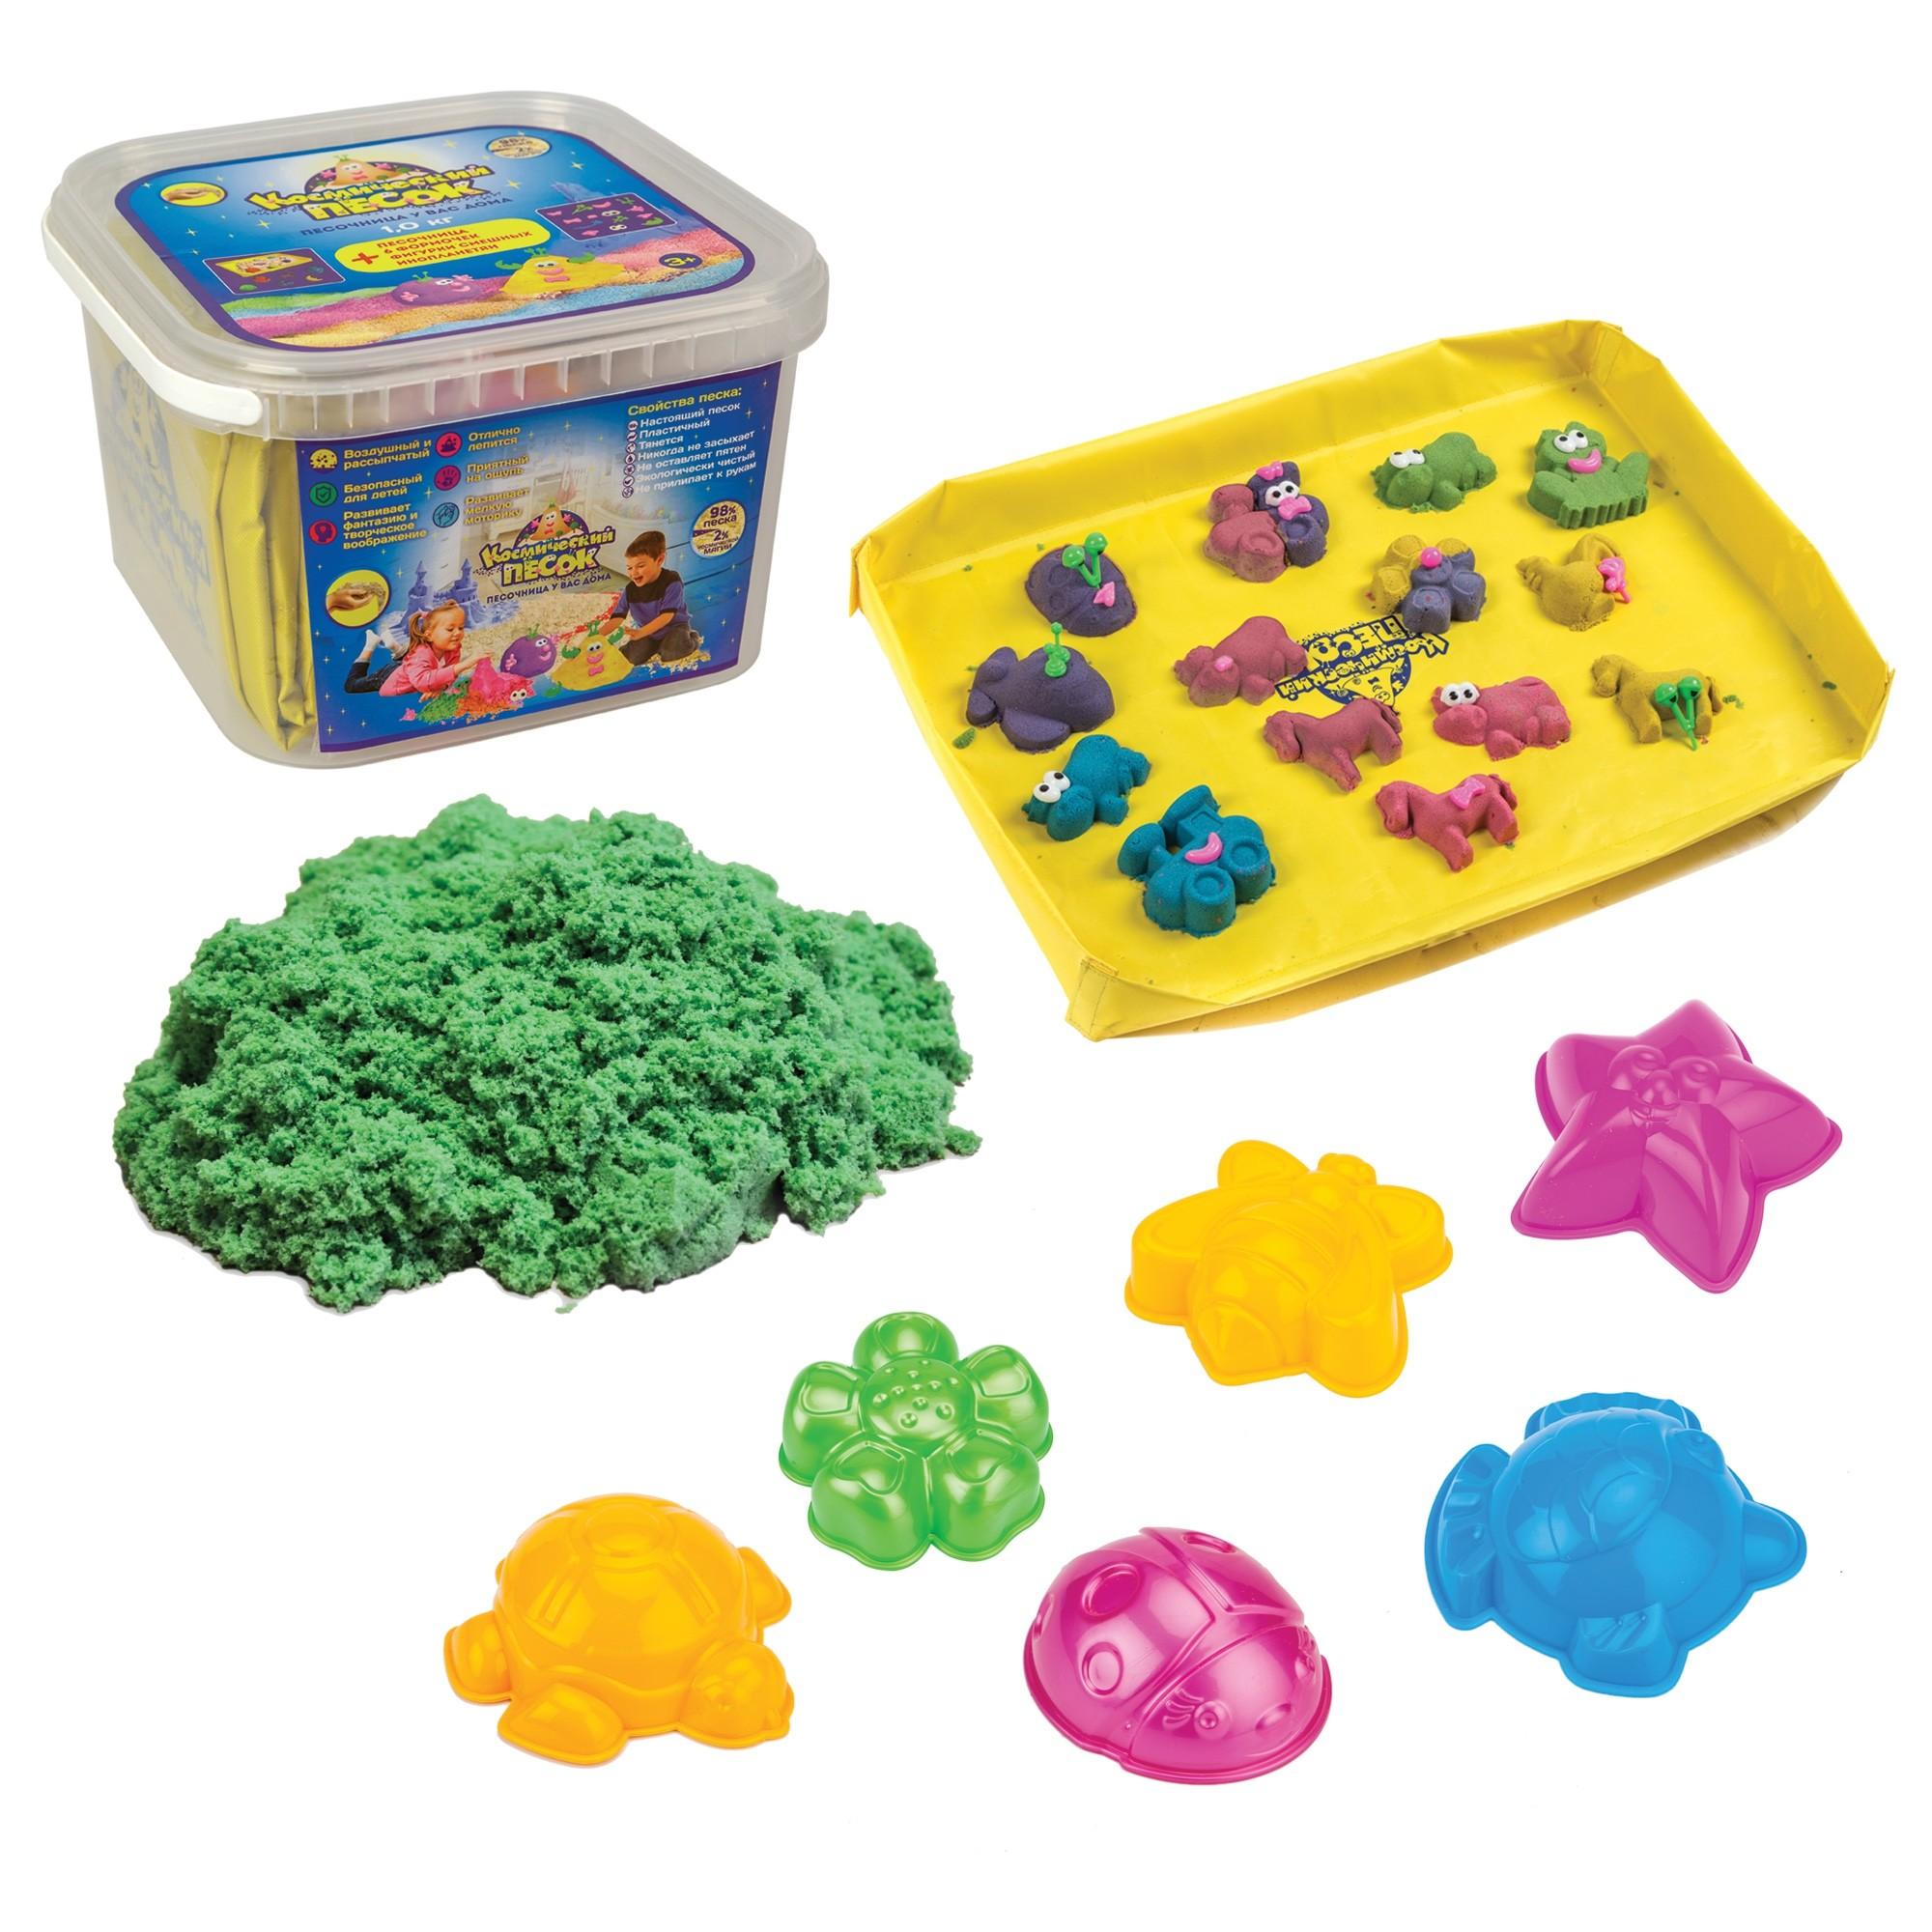 Кинетический песок Космический песок Космический песок Зелёный 1 кг + набор песочница и формочки набор для лепки космический песок 500г yellow t57728